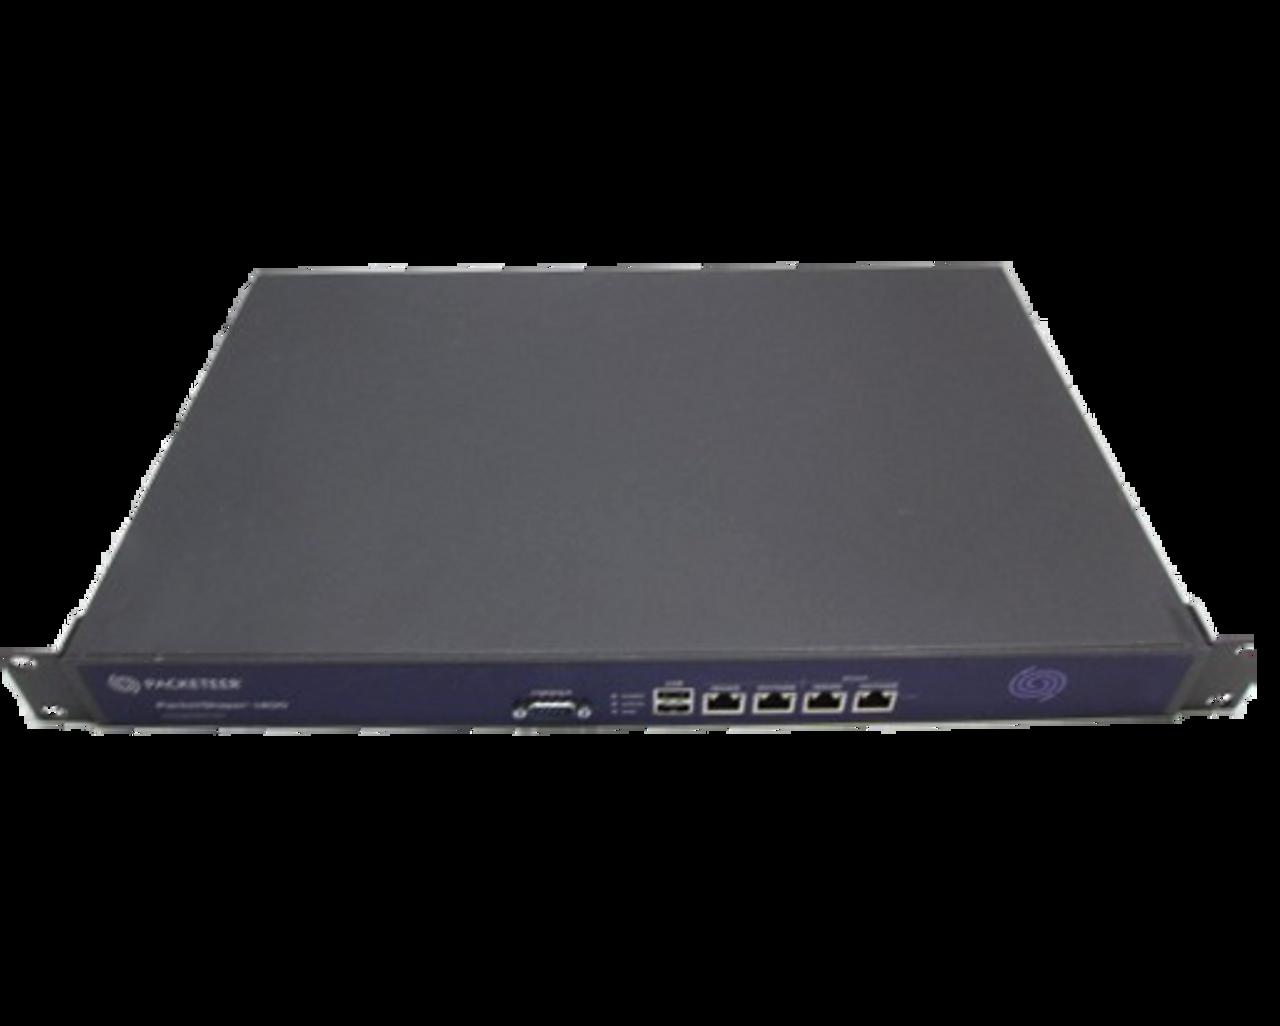 PS1400-L002M